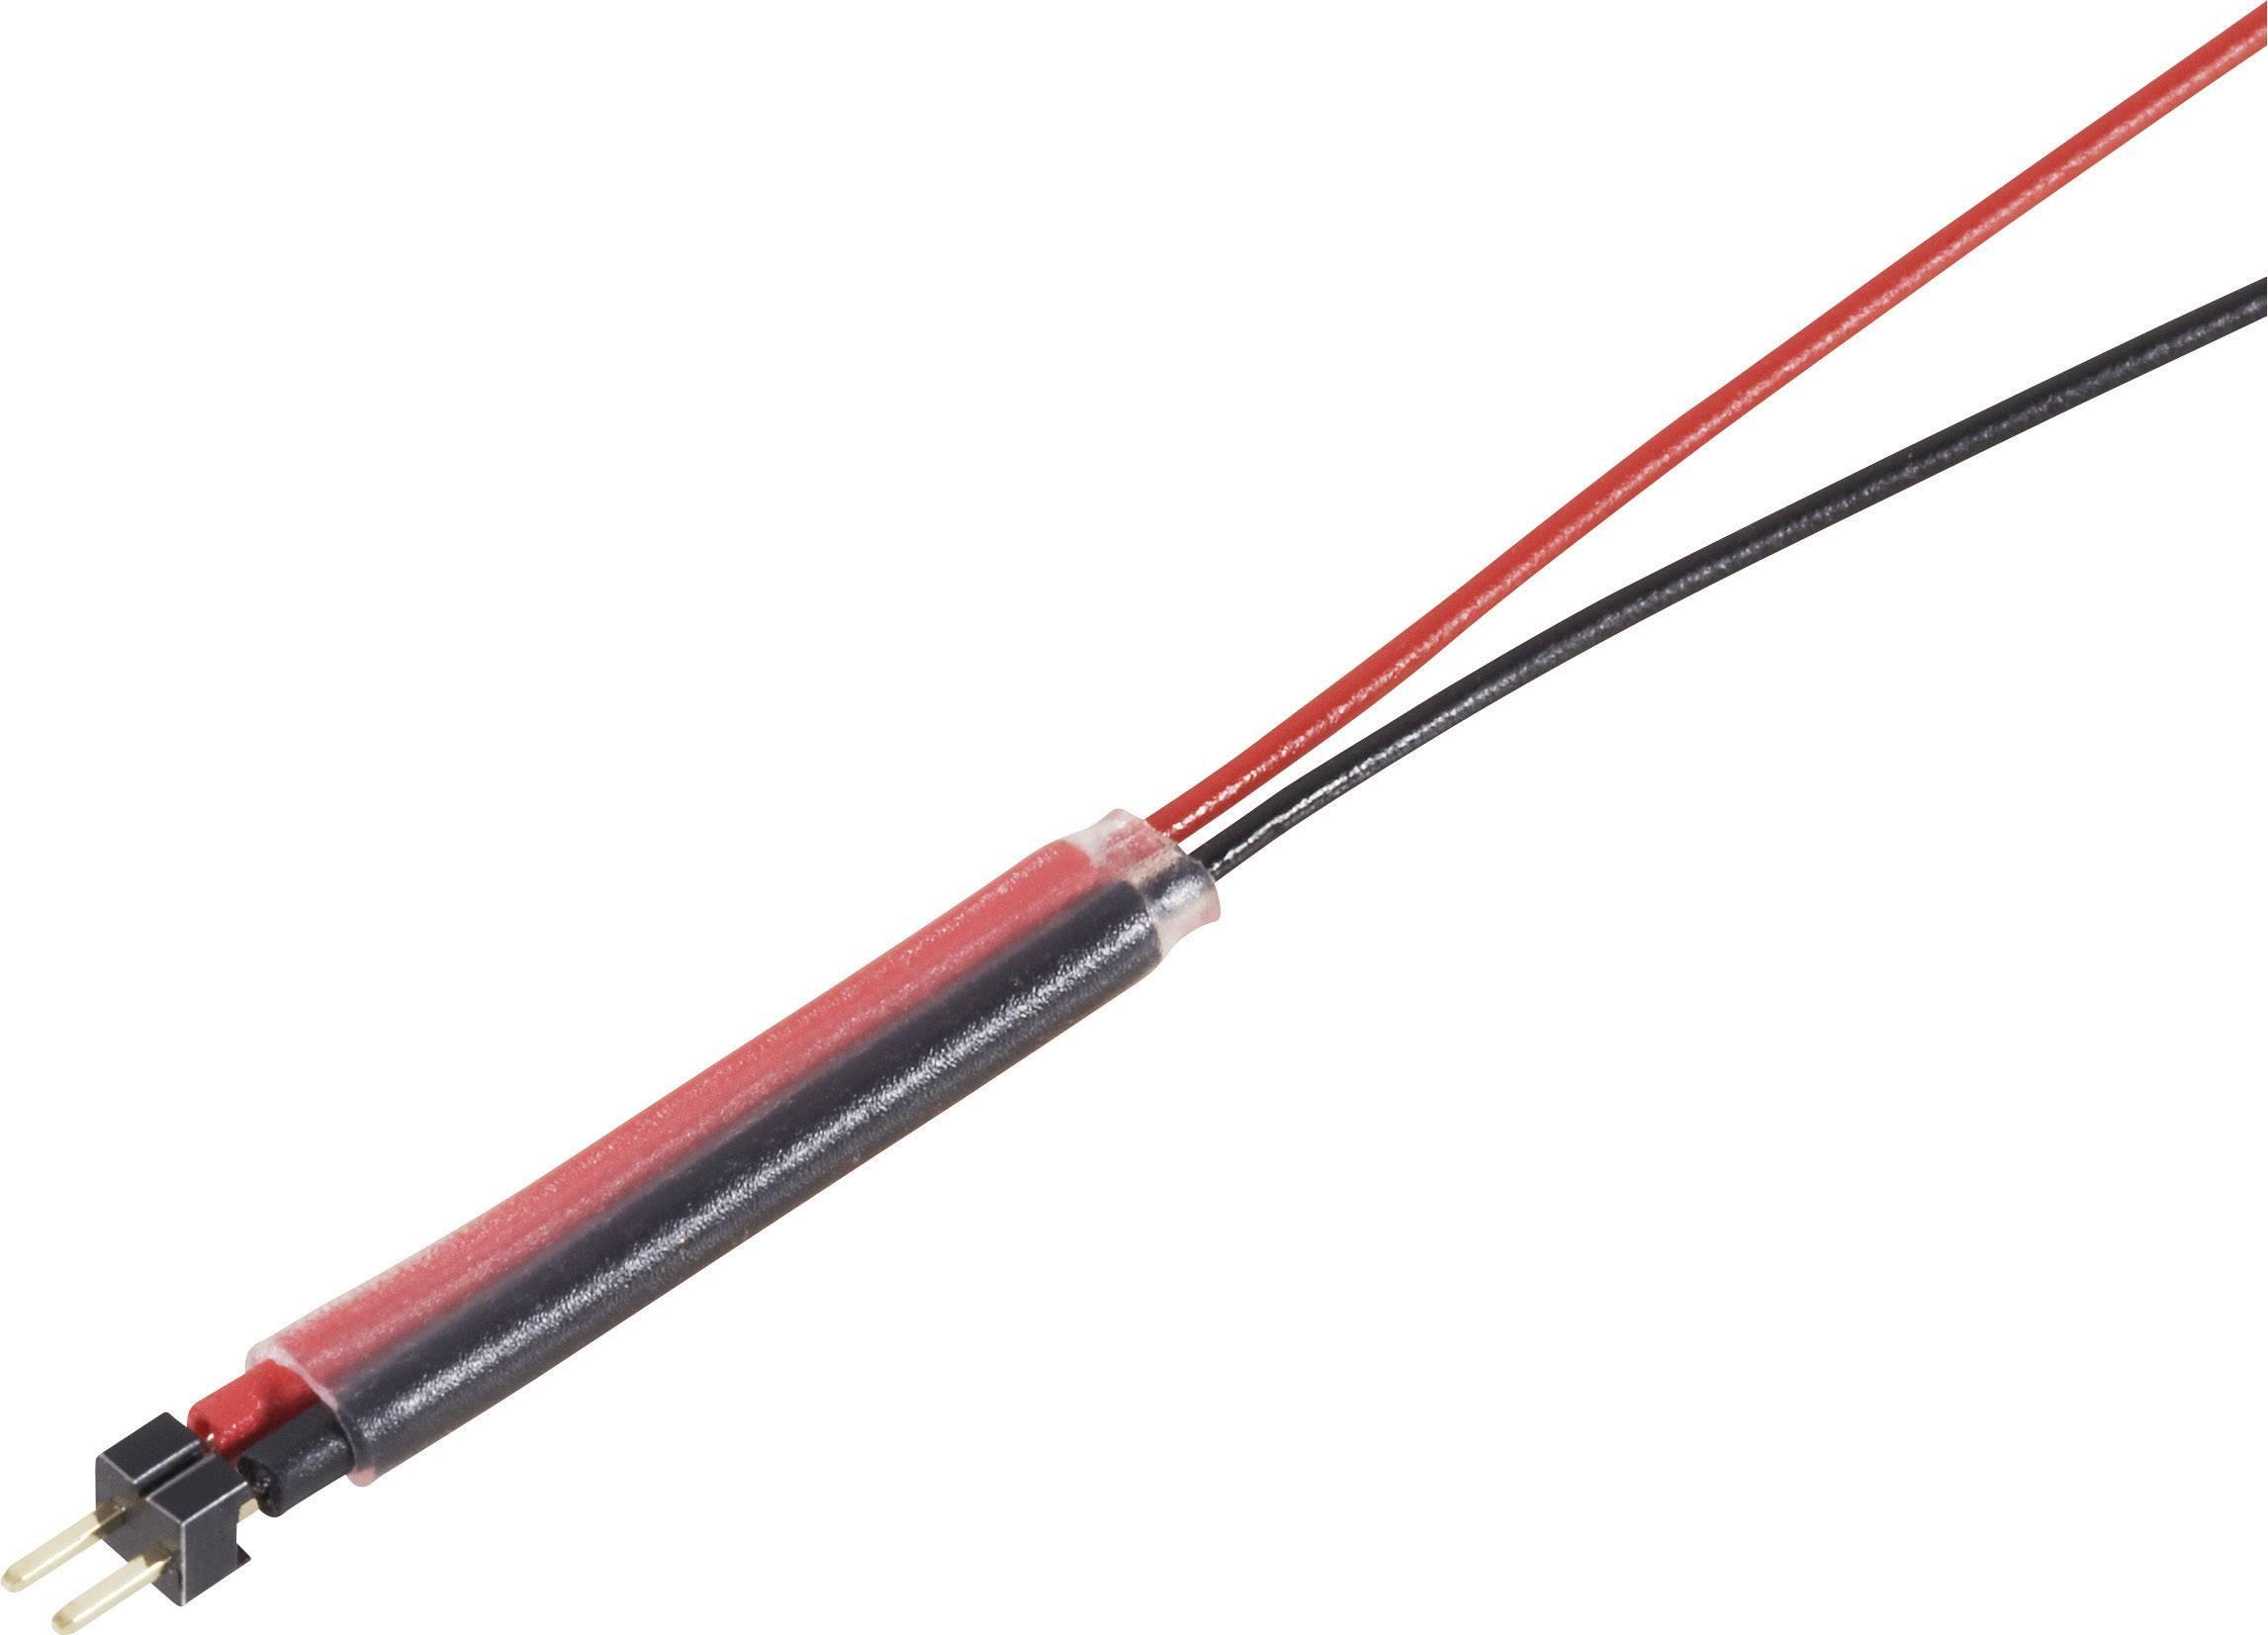 Napájecí kabel Modelcraft, zásuvka, Minimum RM 1,27 mm, 300 mm, 0,08 mm²